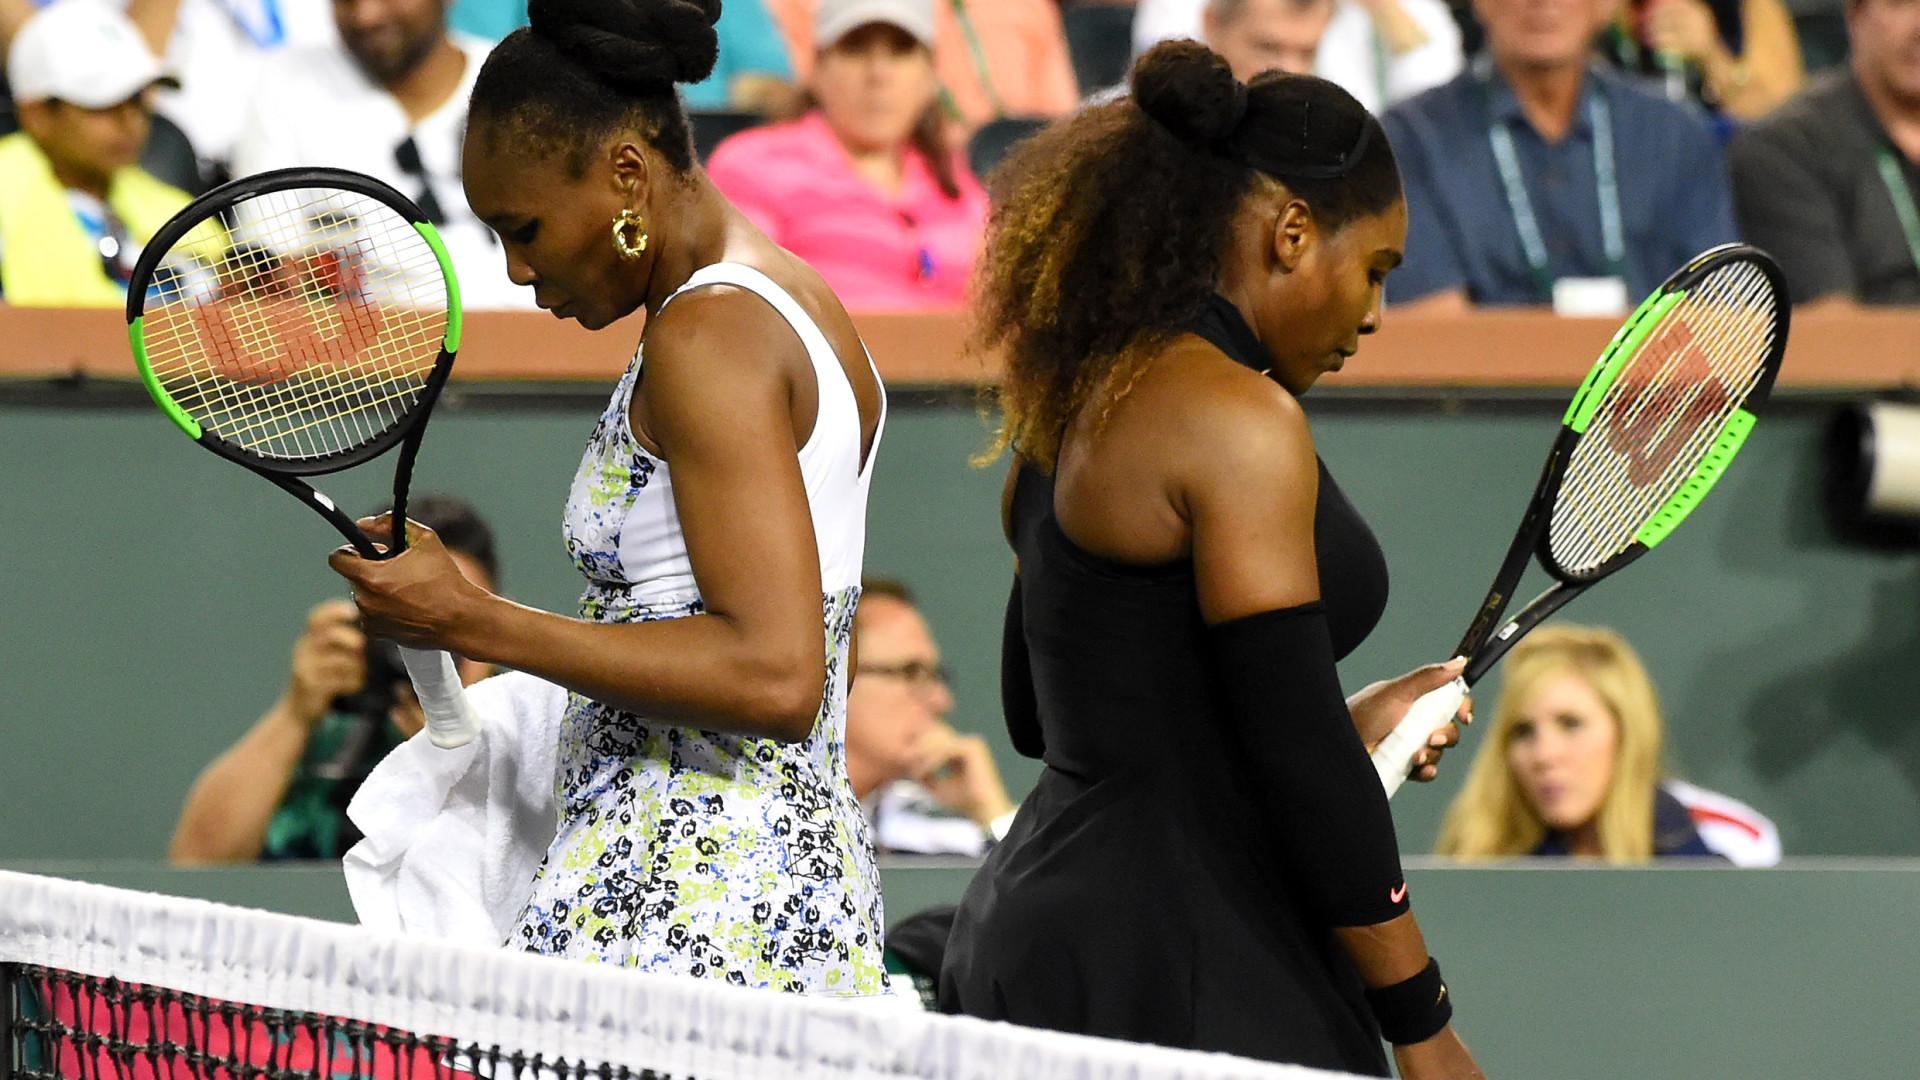 Quatro anos depois Venus levou a melhor no dérbi das irmãs Williams